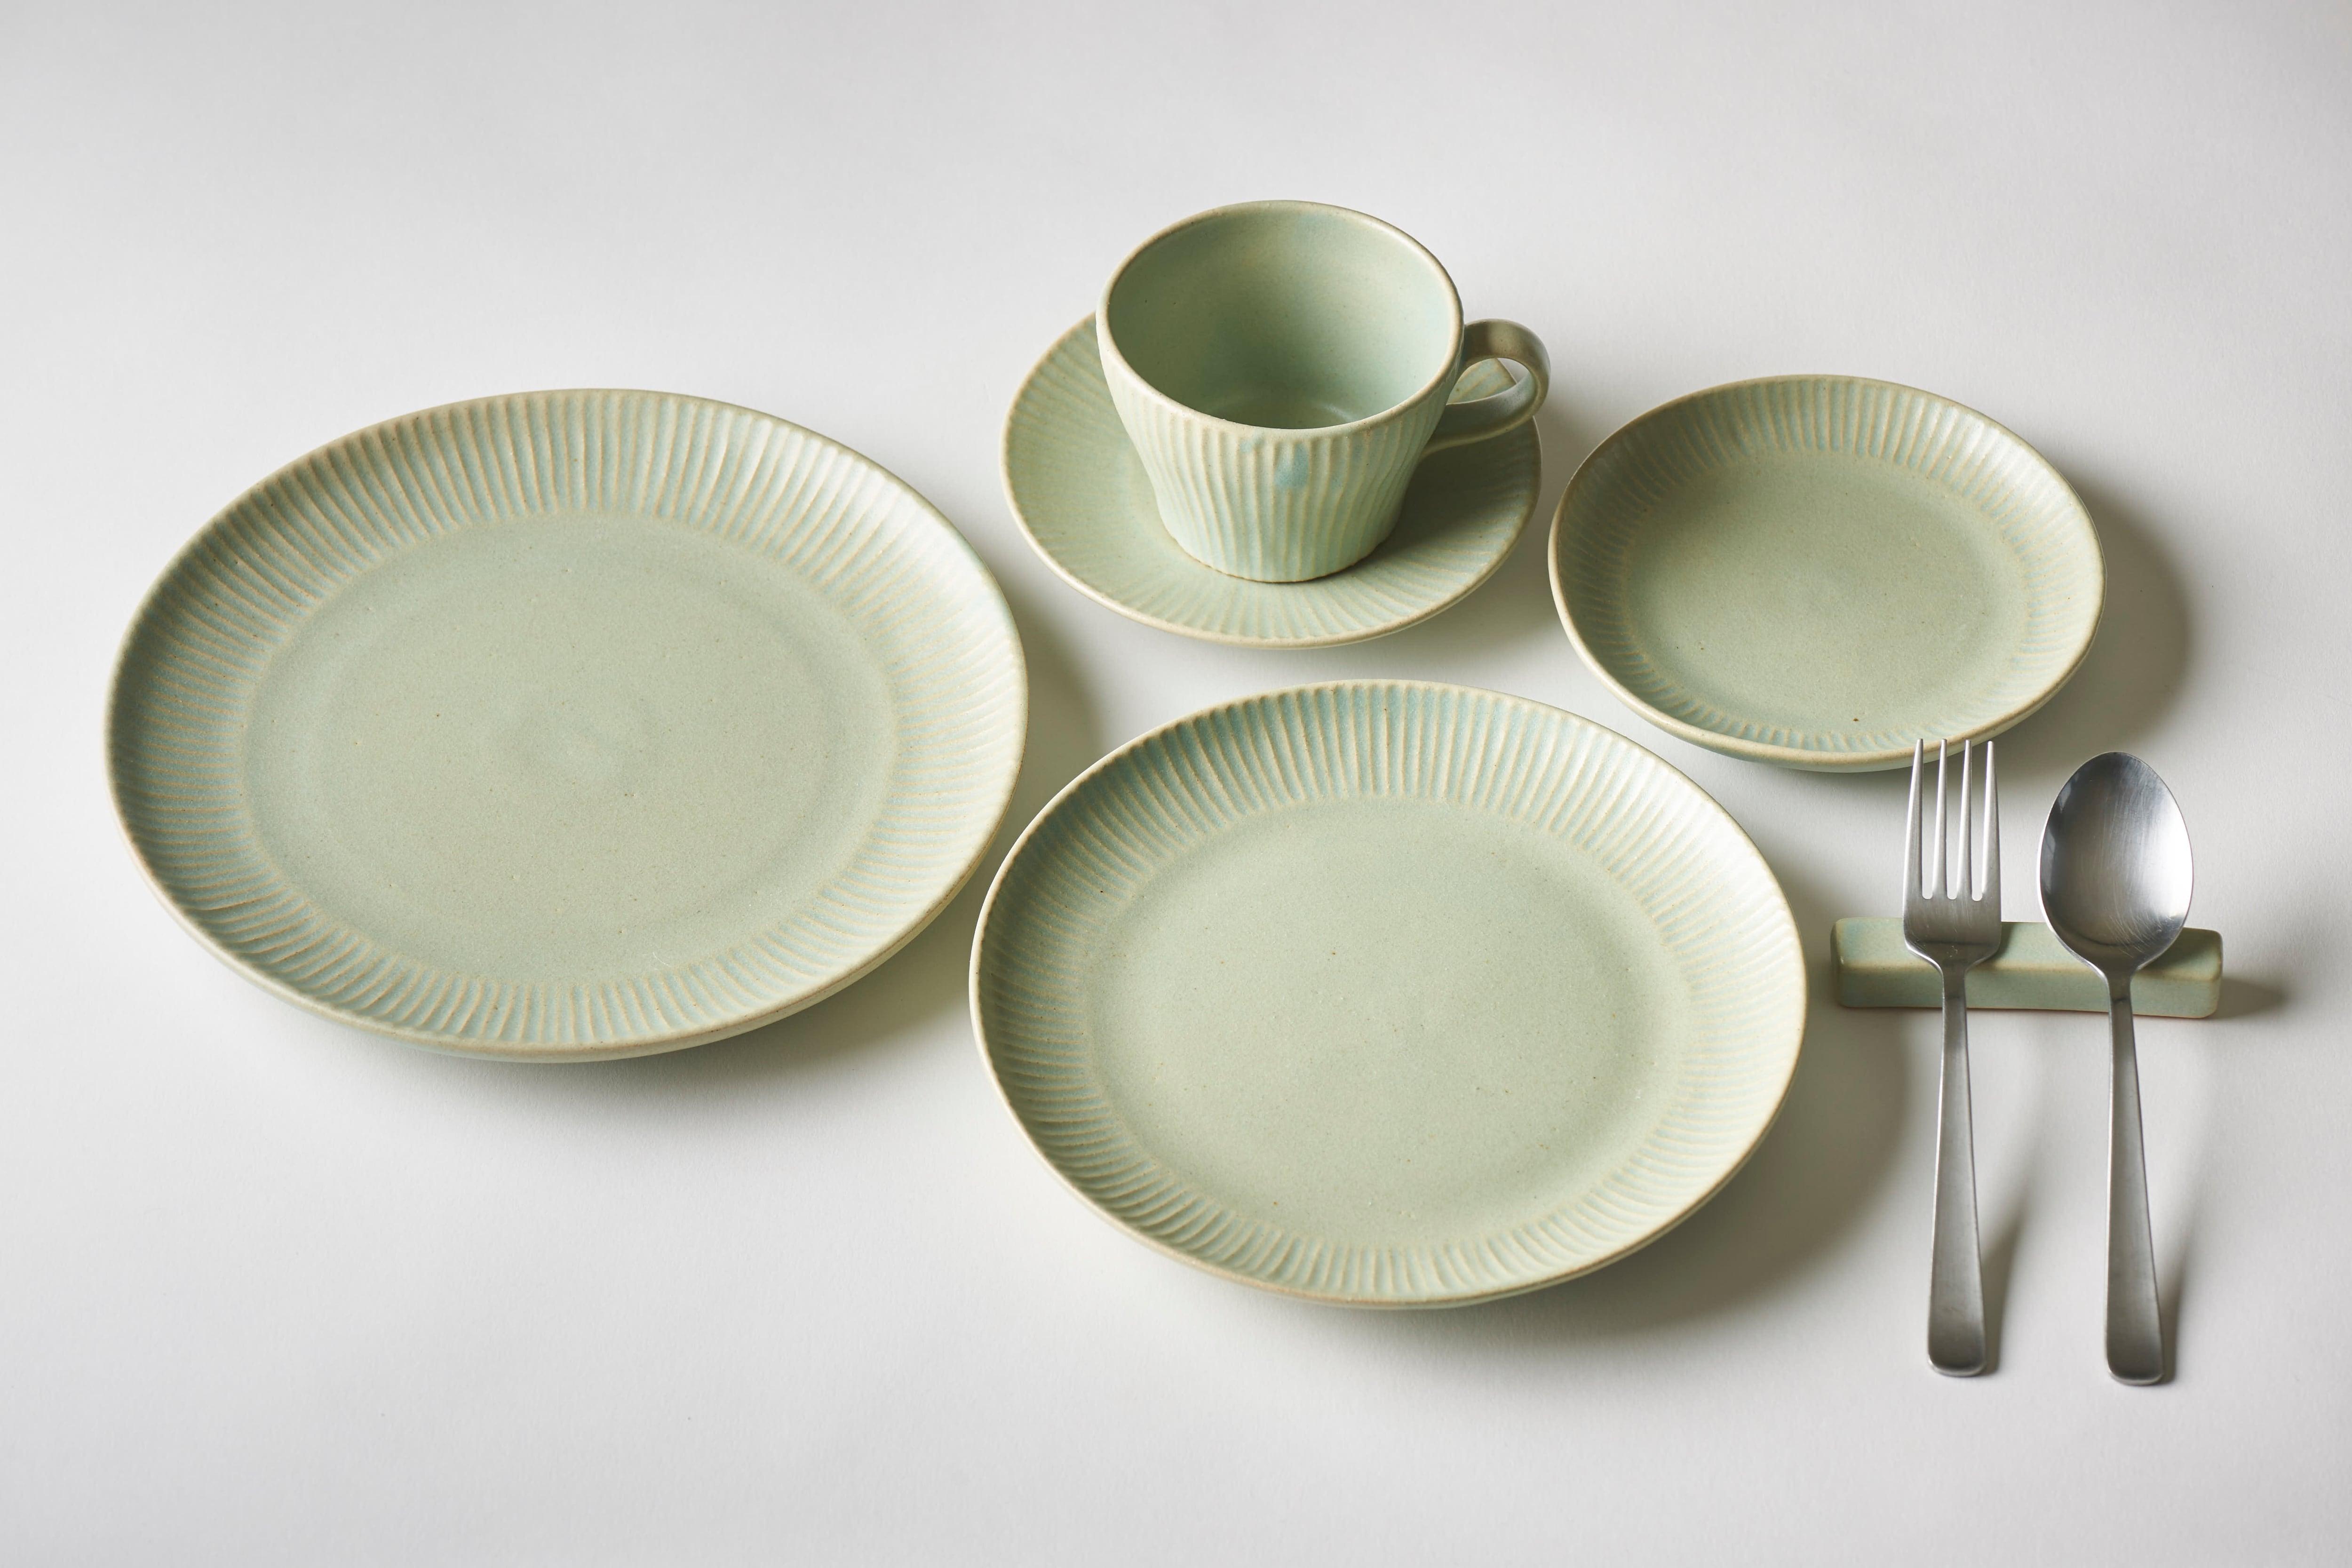 しのぎ5寸皿(グリーン)